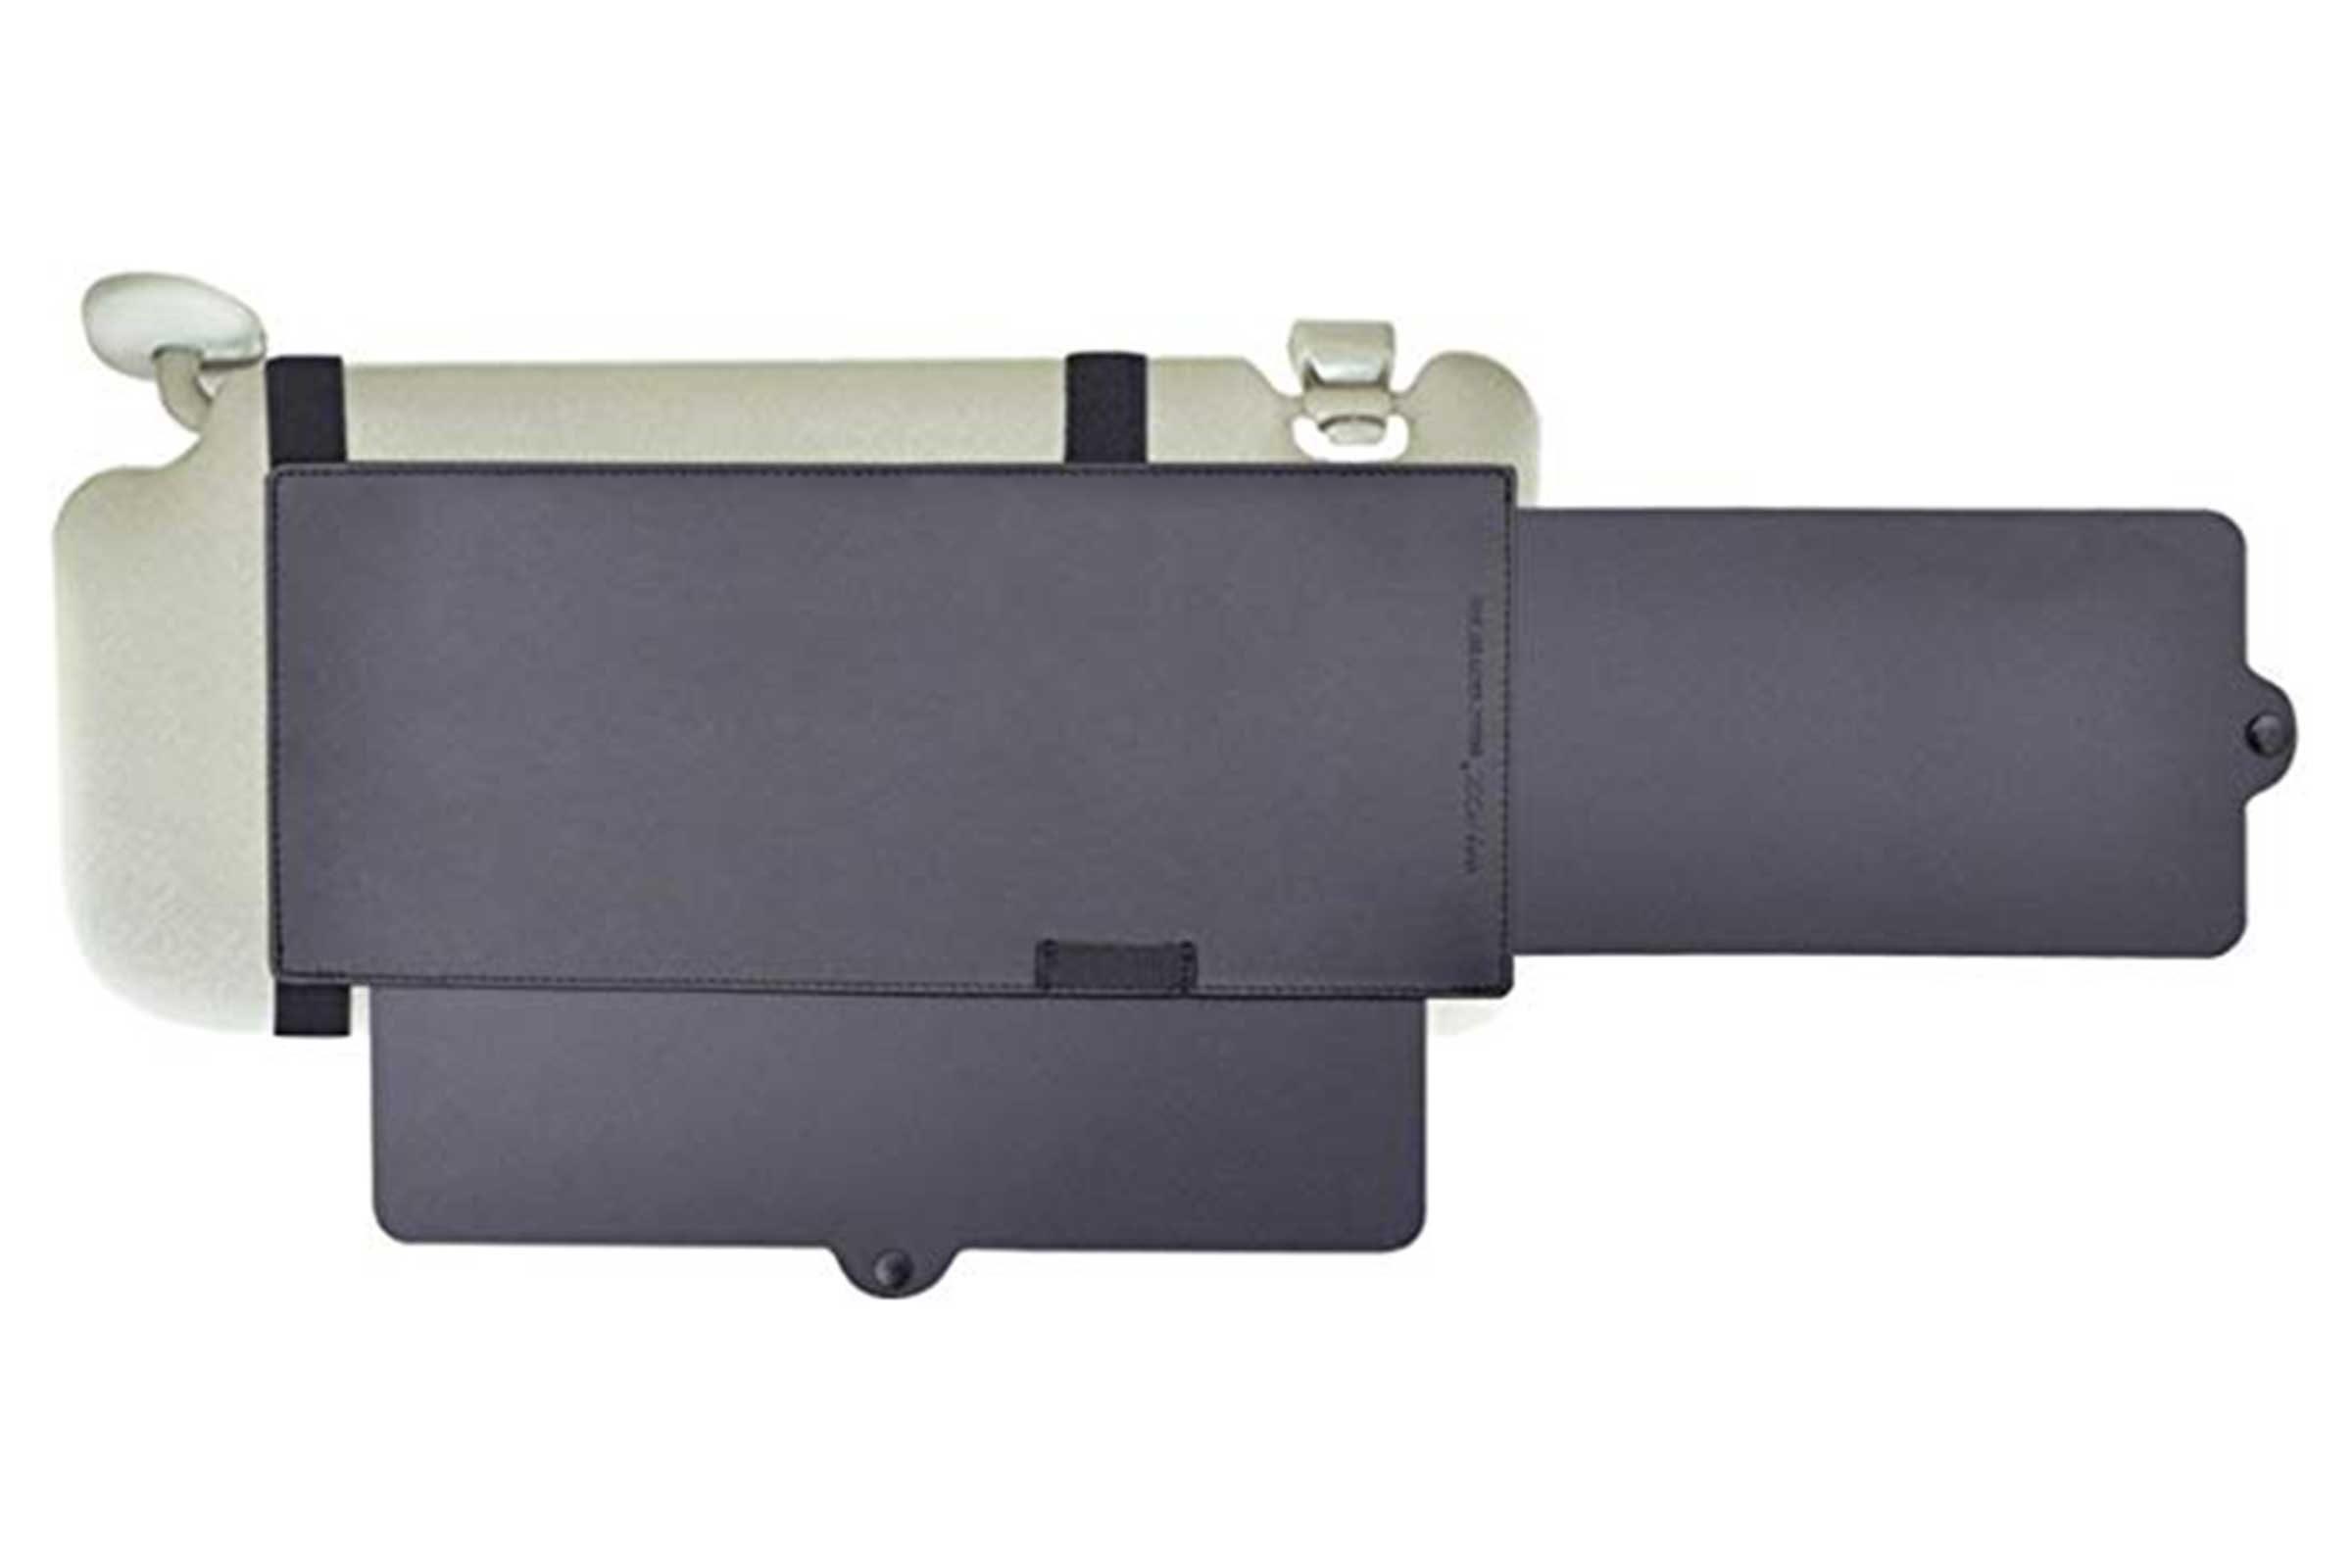 21_Car-visor-extender